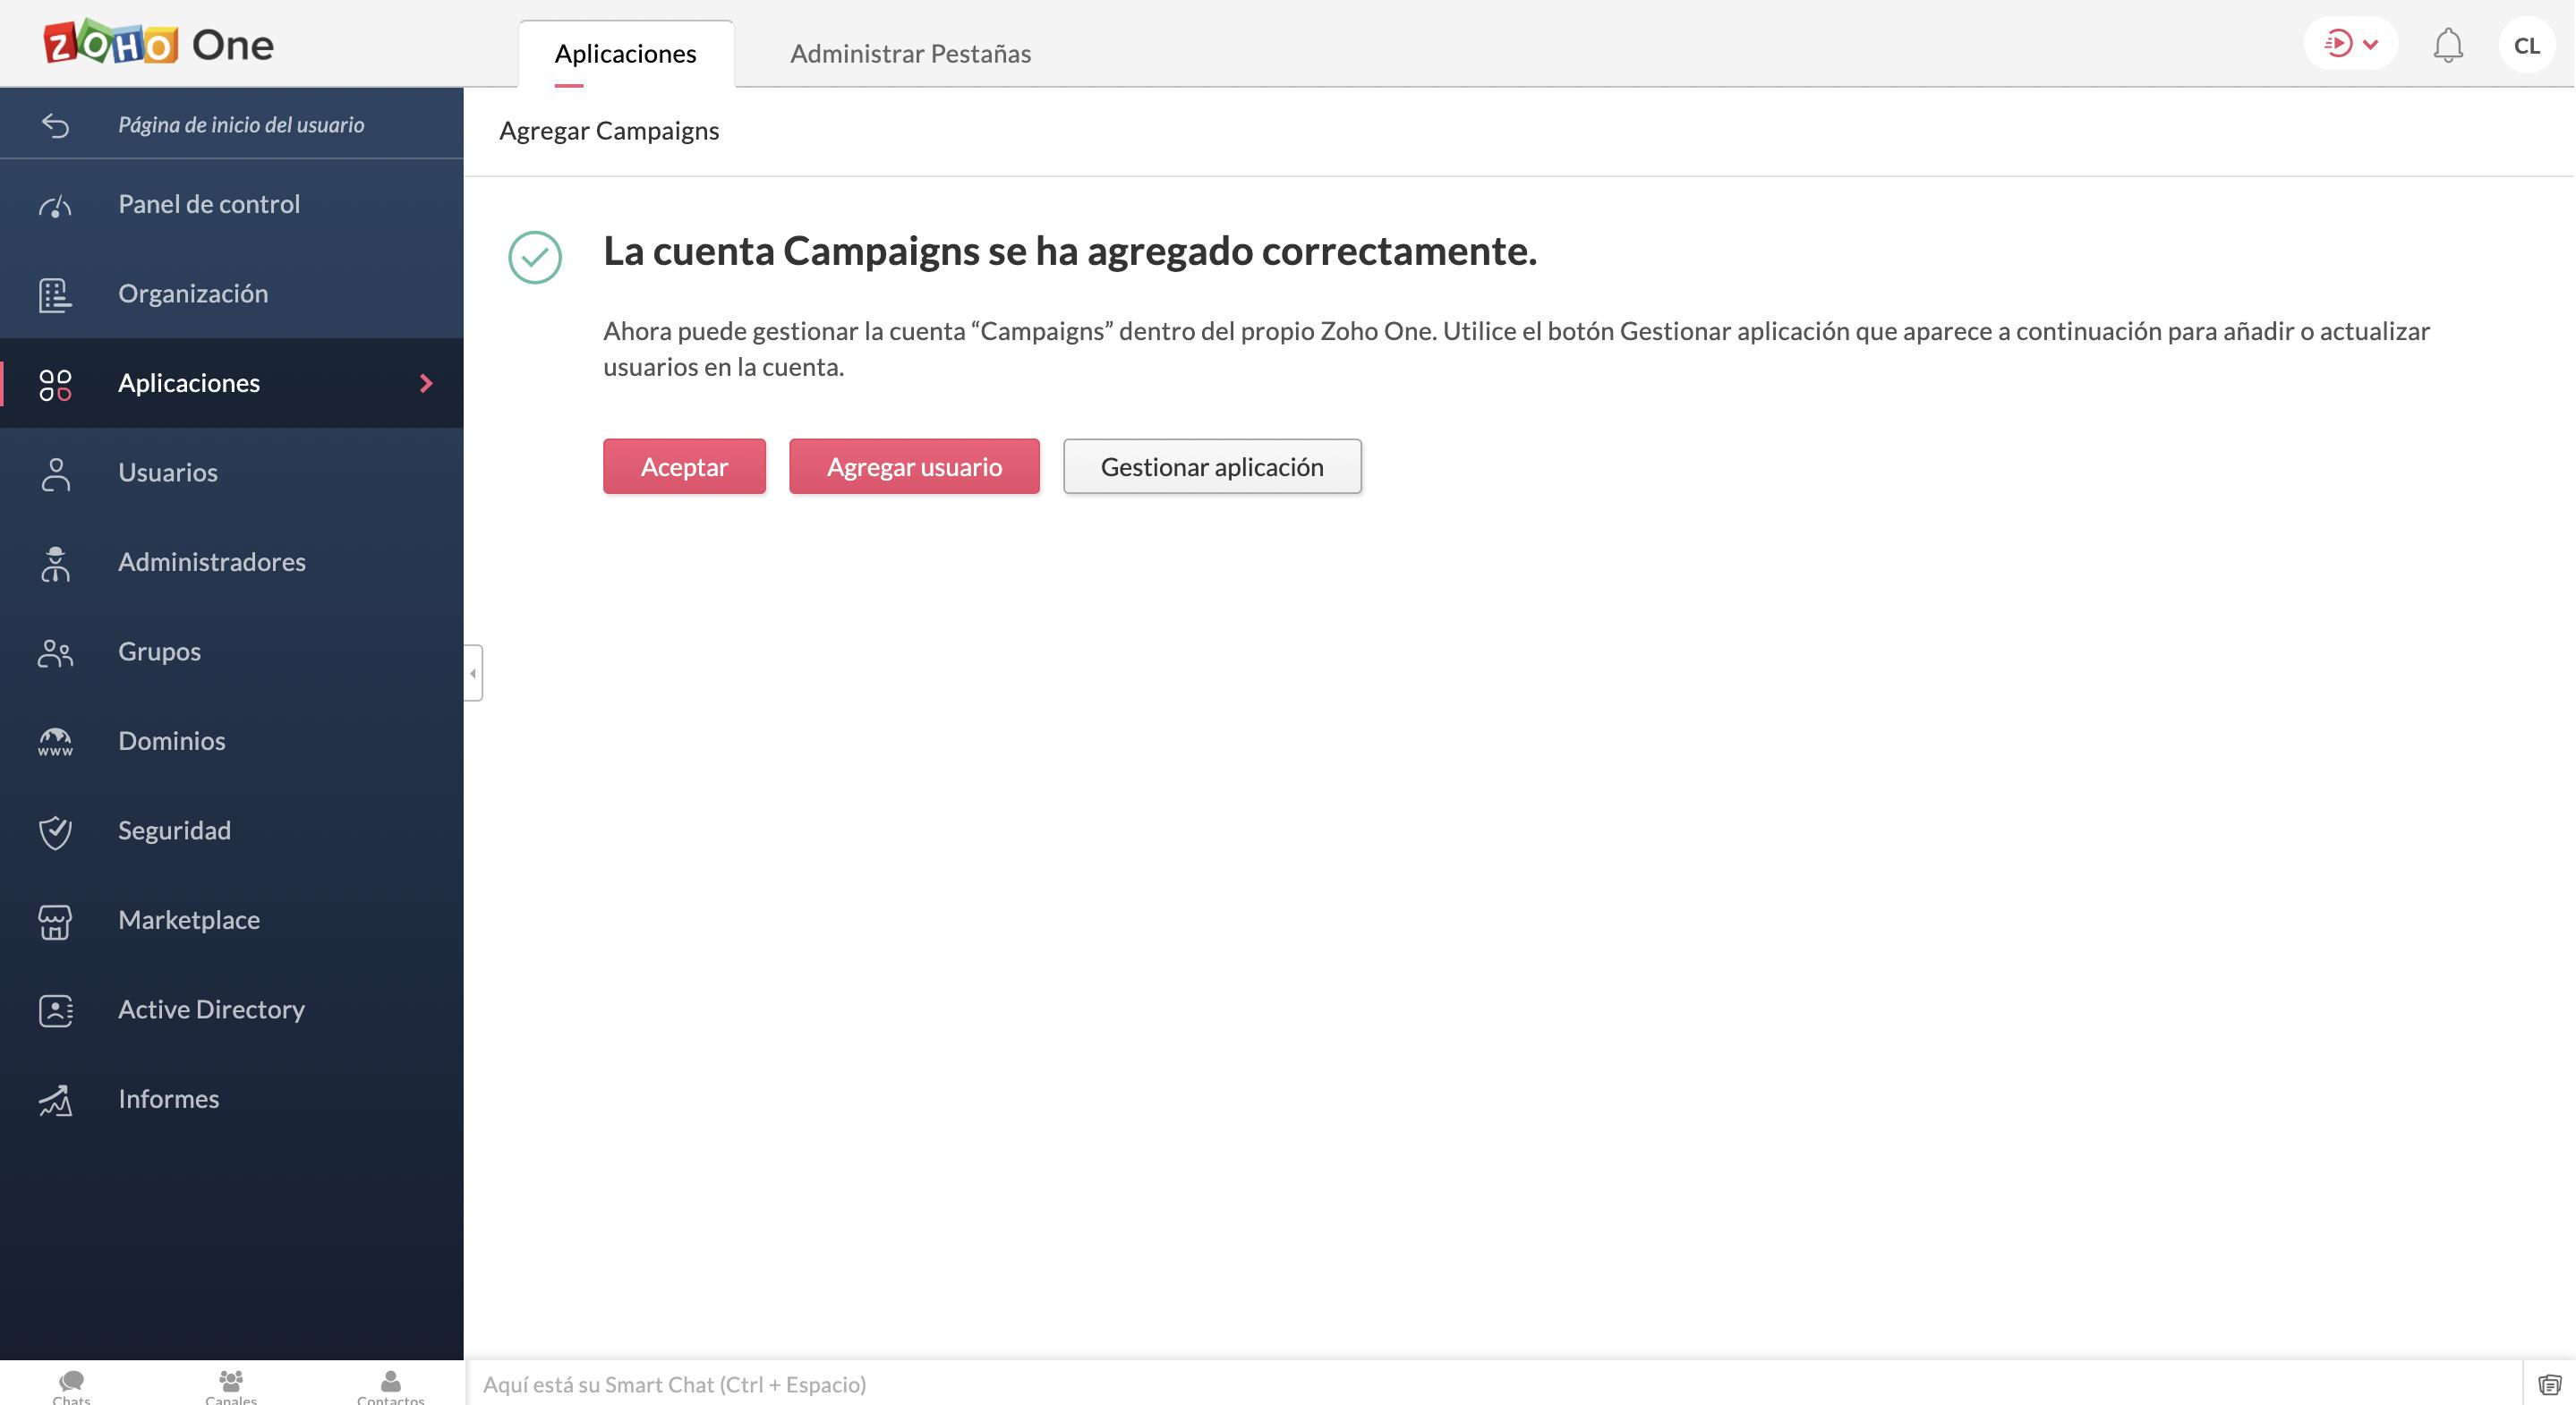 confirmación de aplicación agregada a zoho one